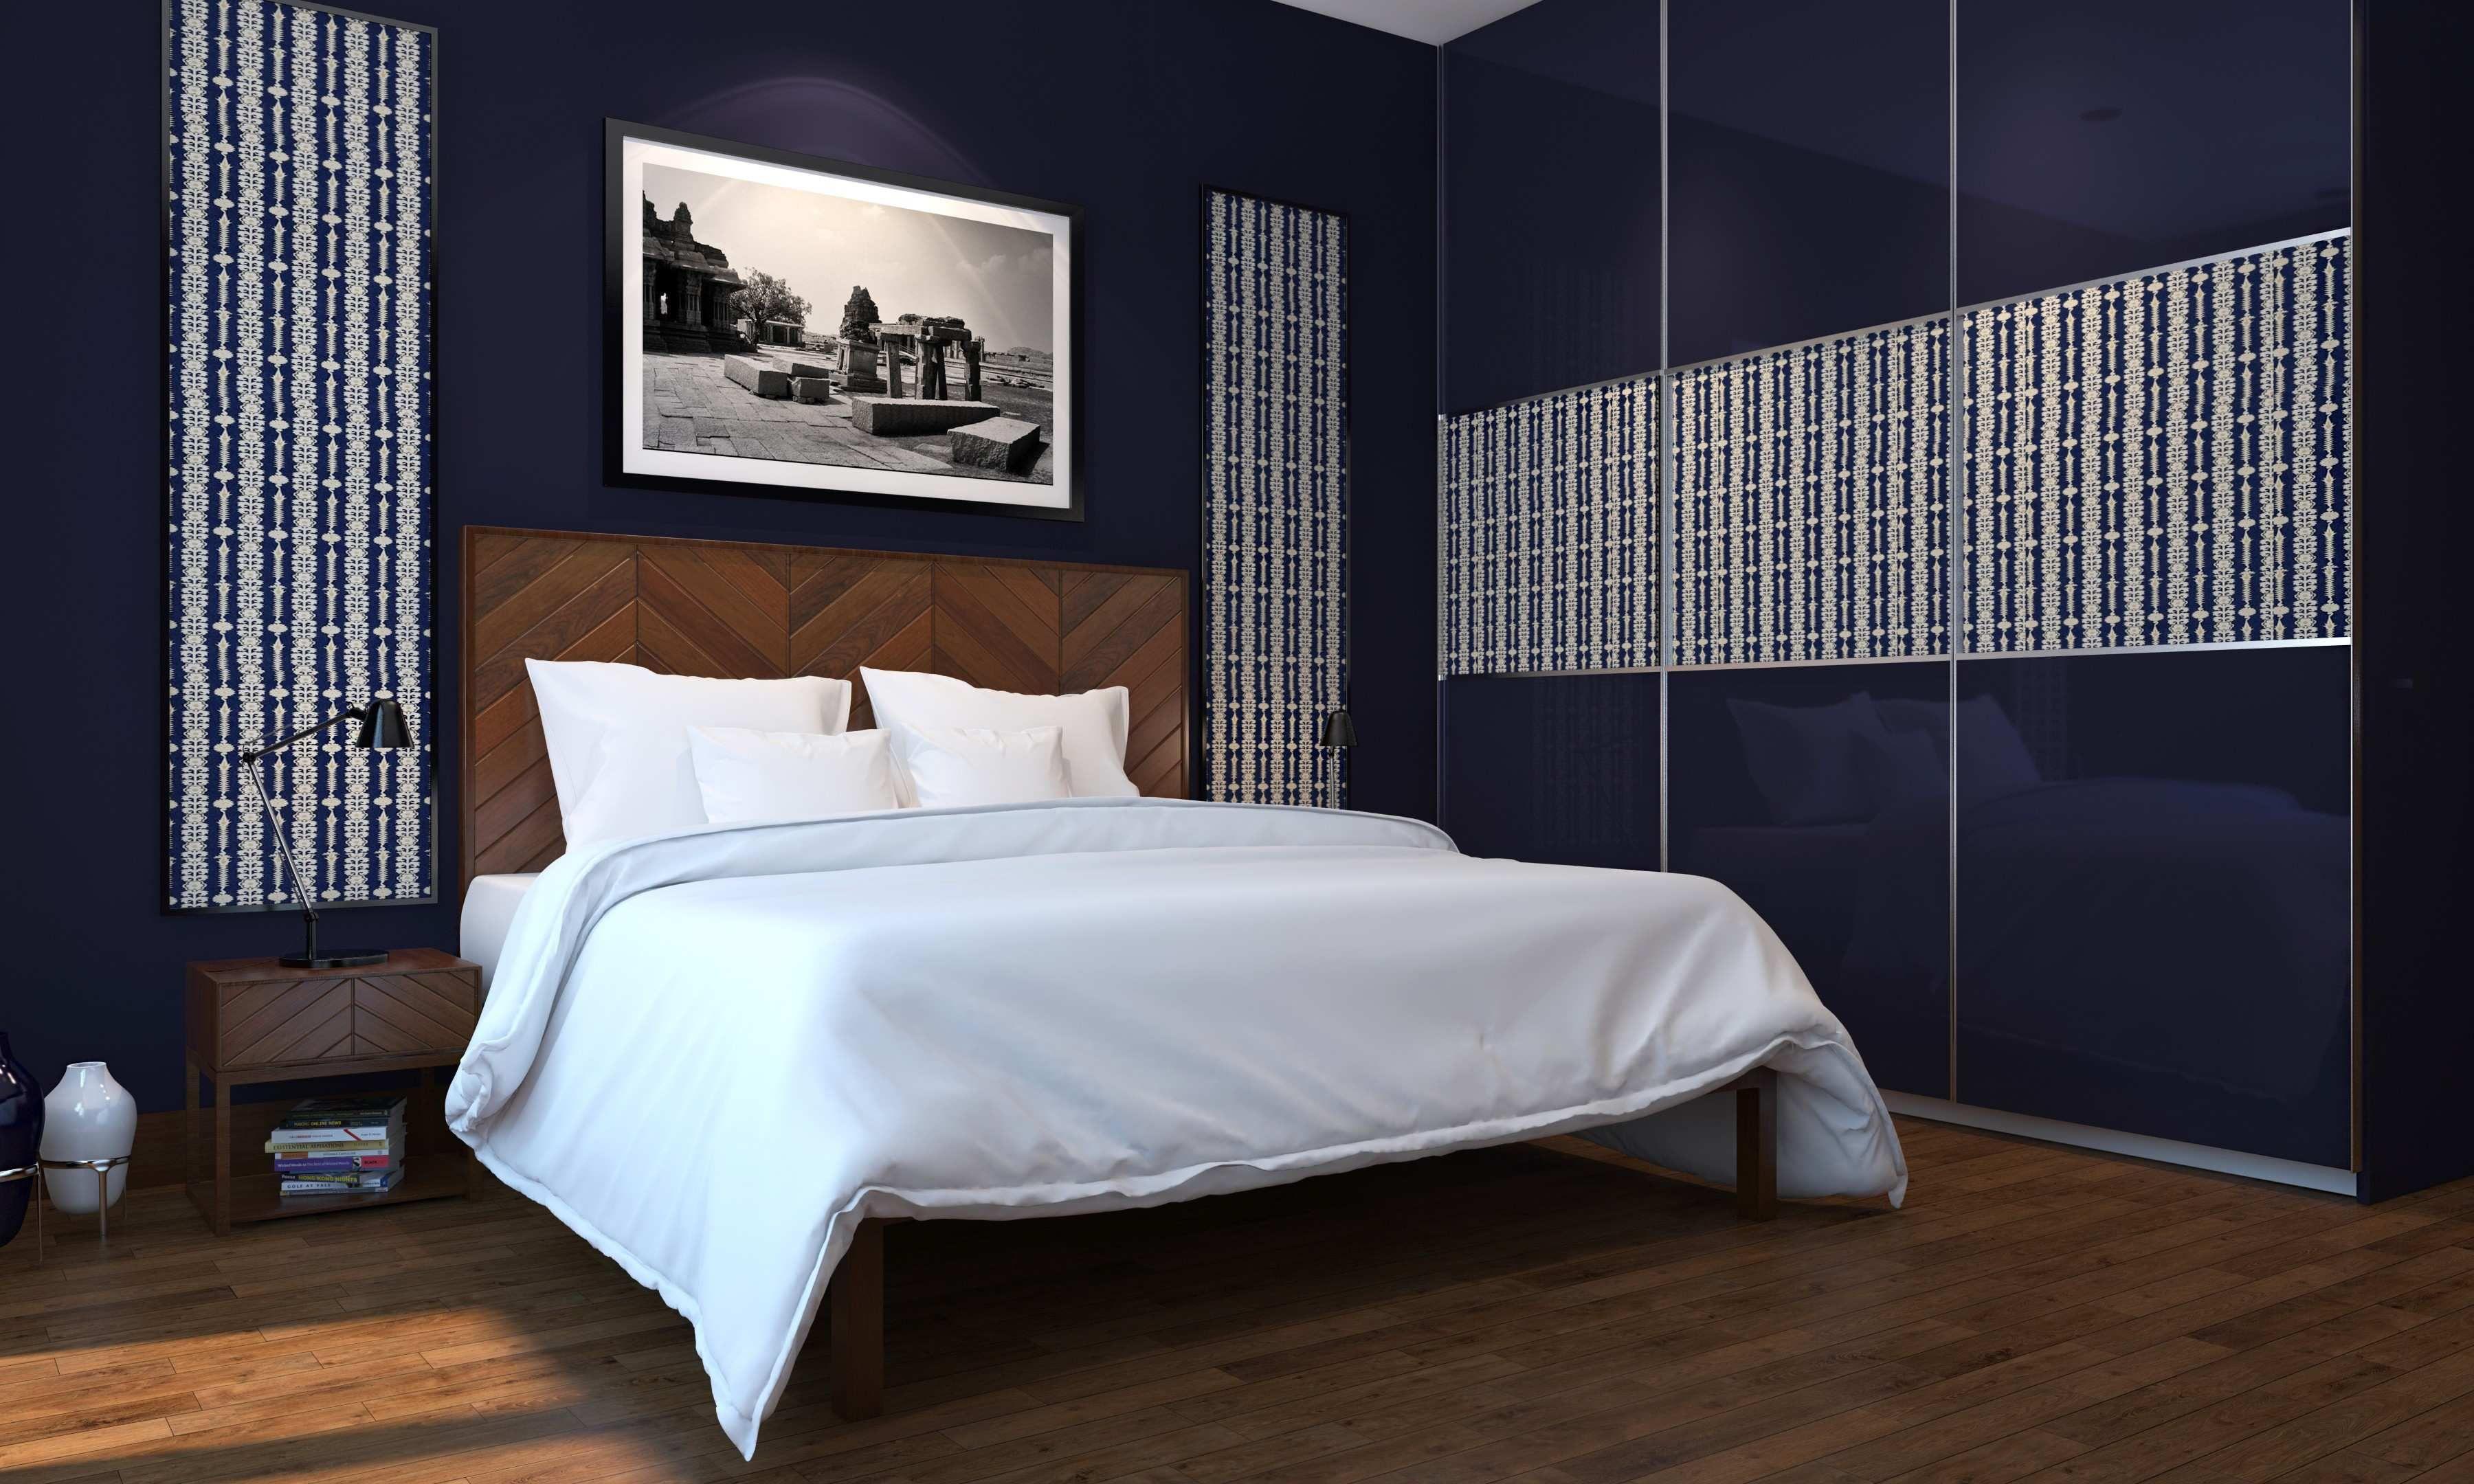 Large Bedroom Mirror Elegant Bedroom Wardrobe Designs For Small Modern Bedroom Interior Small Bedroom Interior Bedroom Designs For Couples